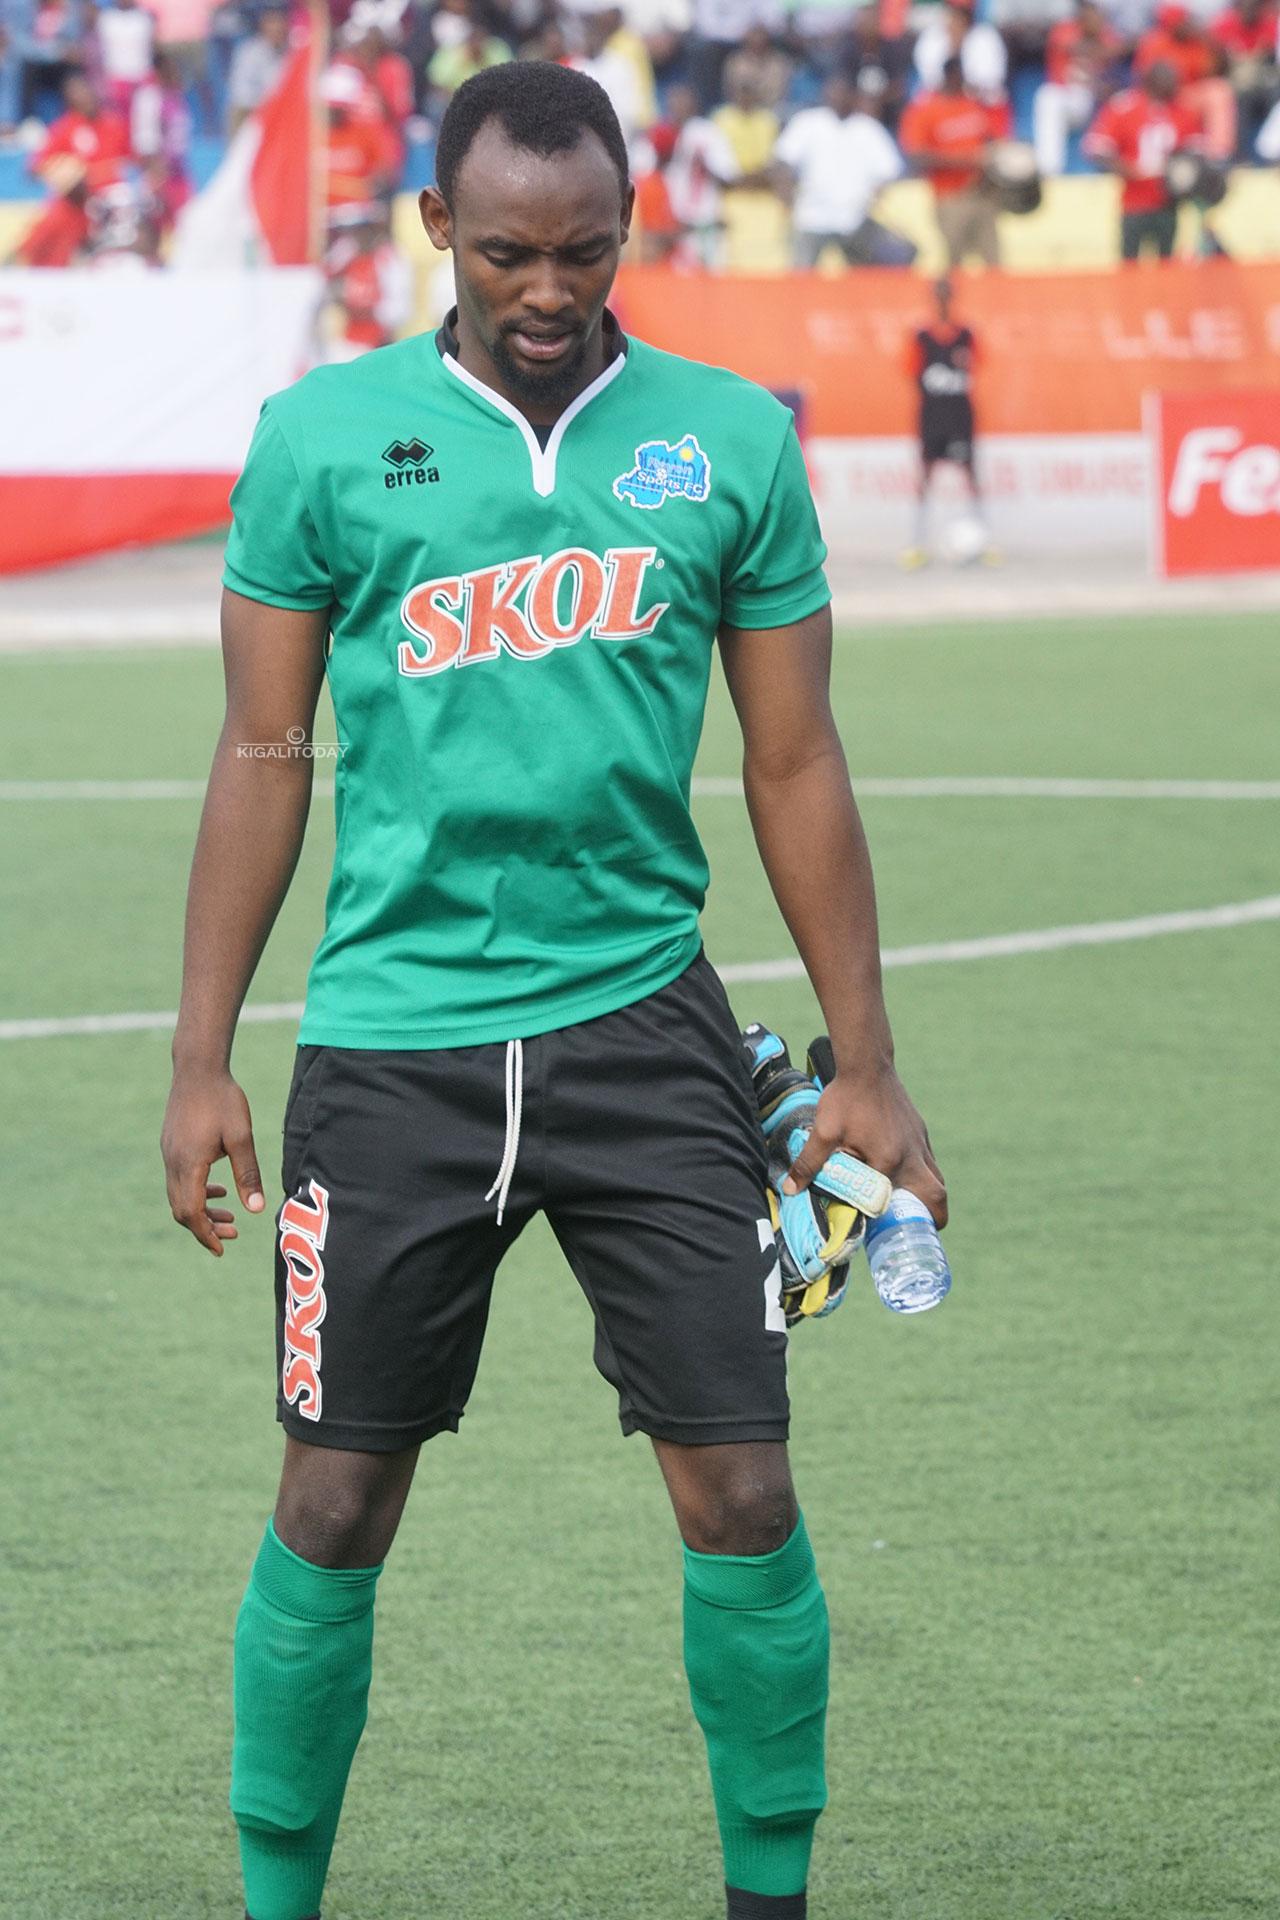 Kassim Nzayisenga wari wahawe amahirwe yo kubanza mu izamu, gusa aza kuvunika avamo umukino utarangiye